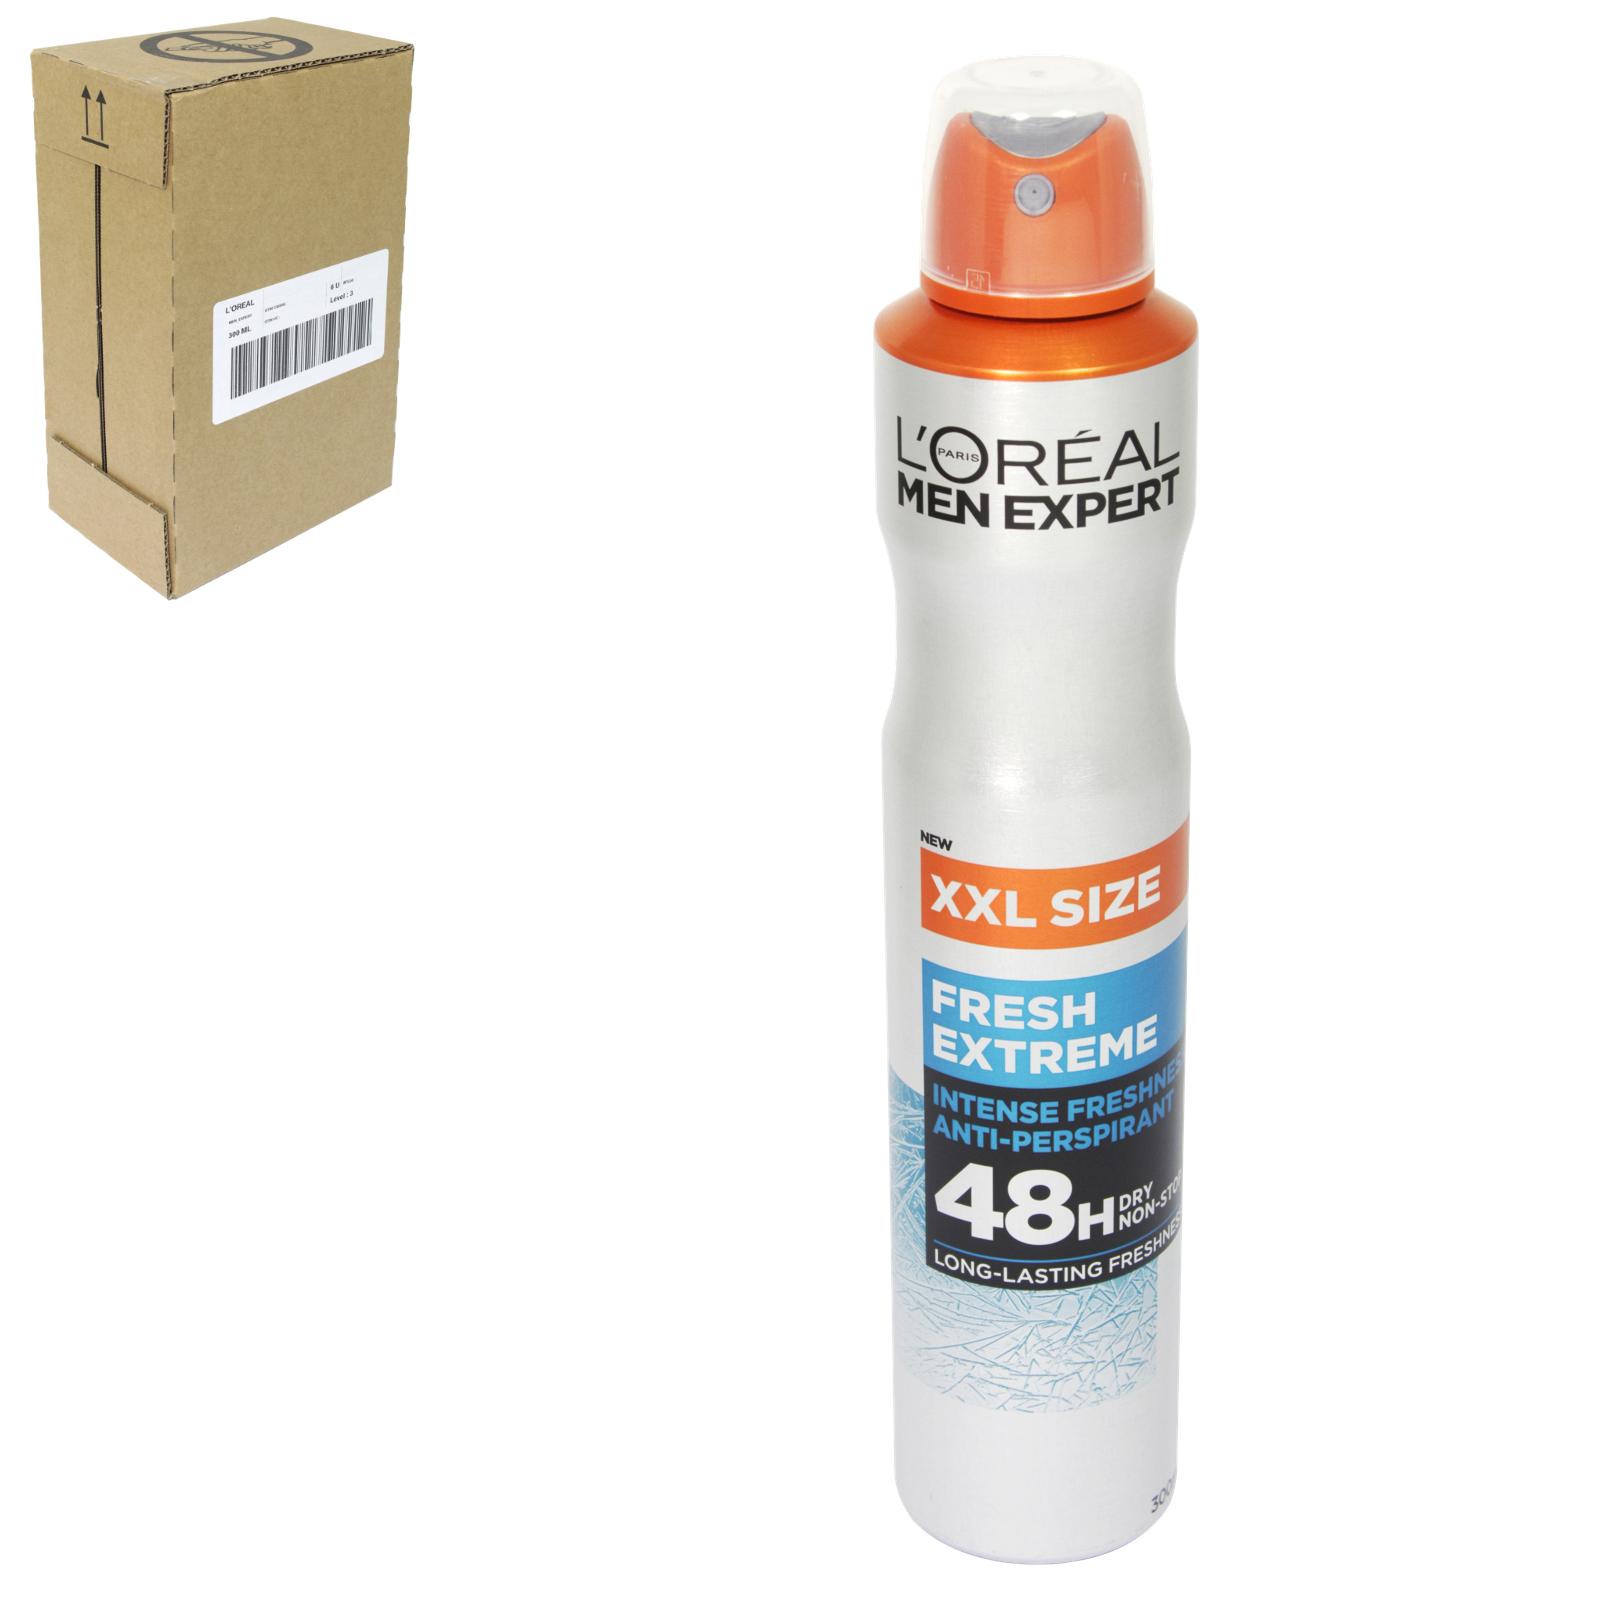 LOREAL MEN EXPERT DEO 250ML COOL POWER 48HR ANTI PERSPIRANT X6